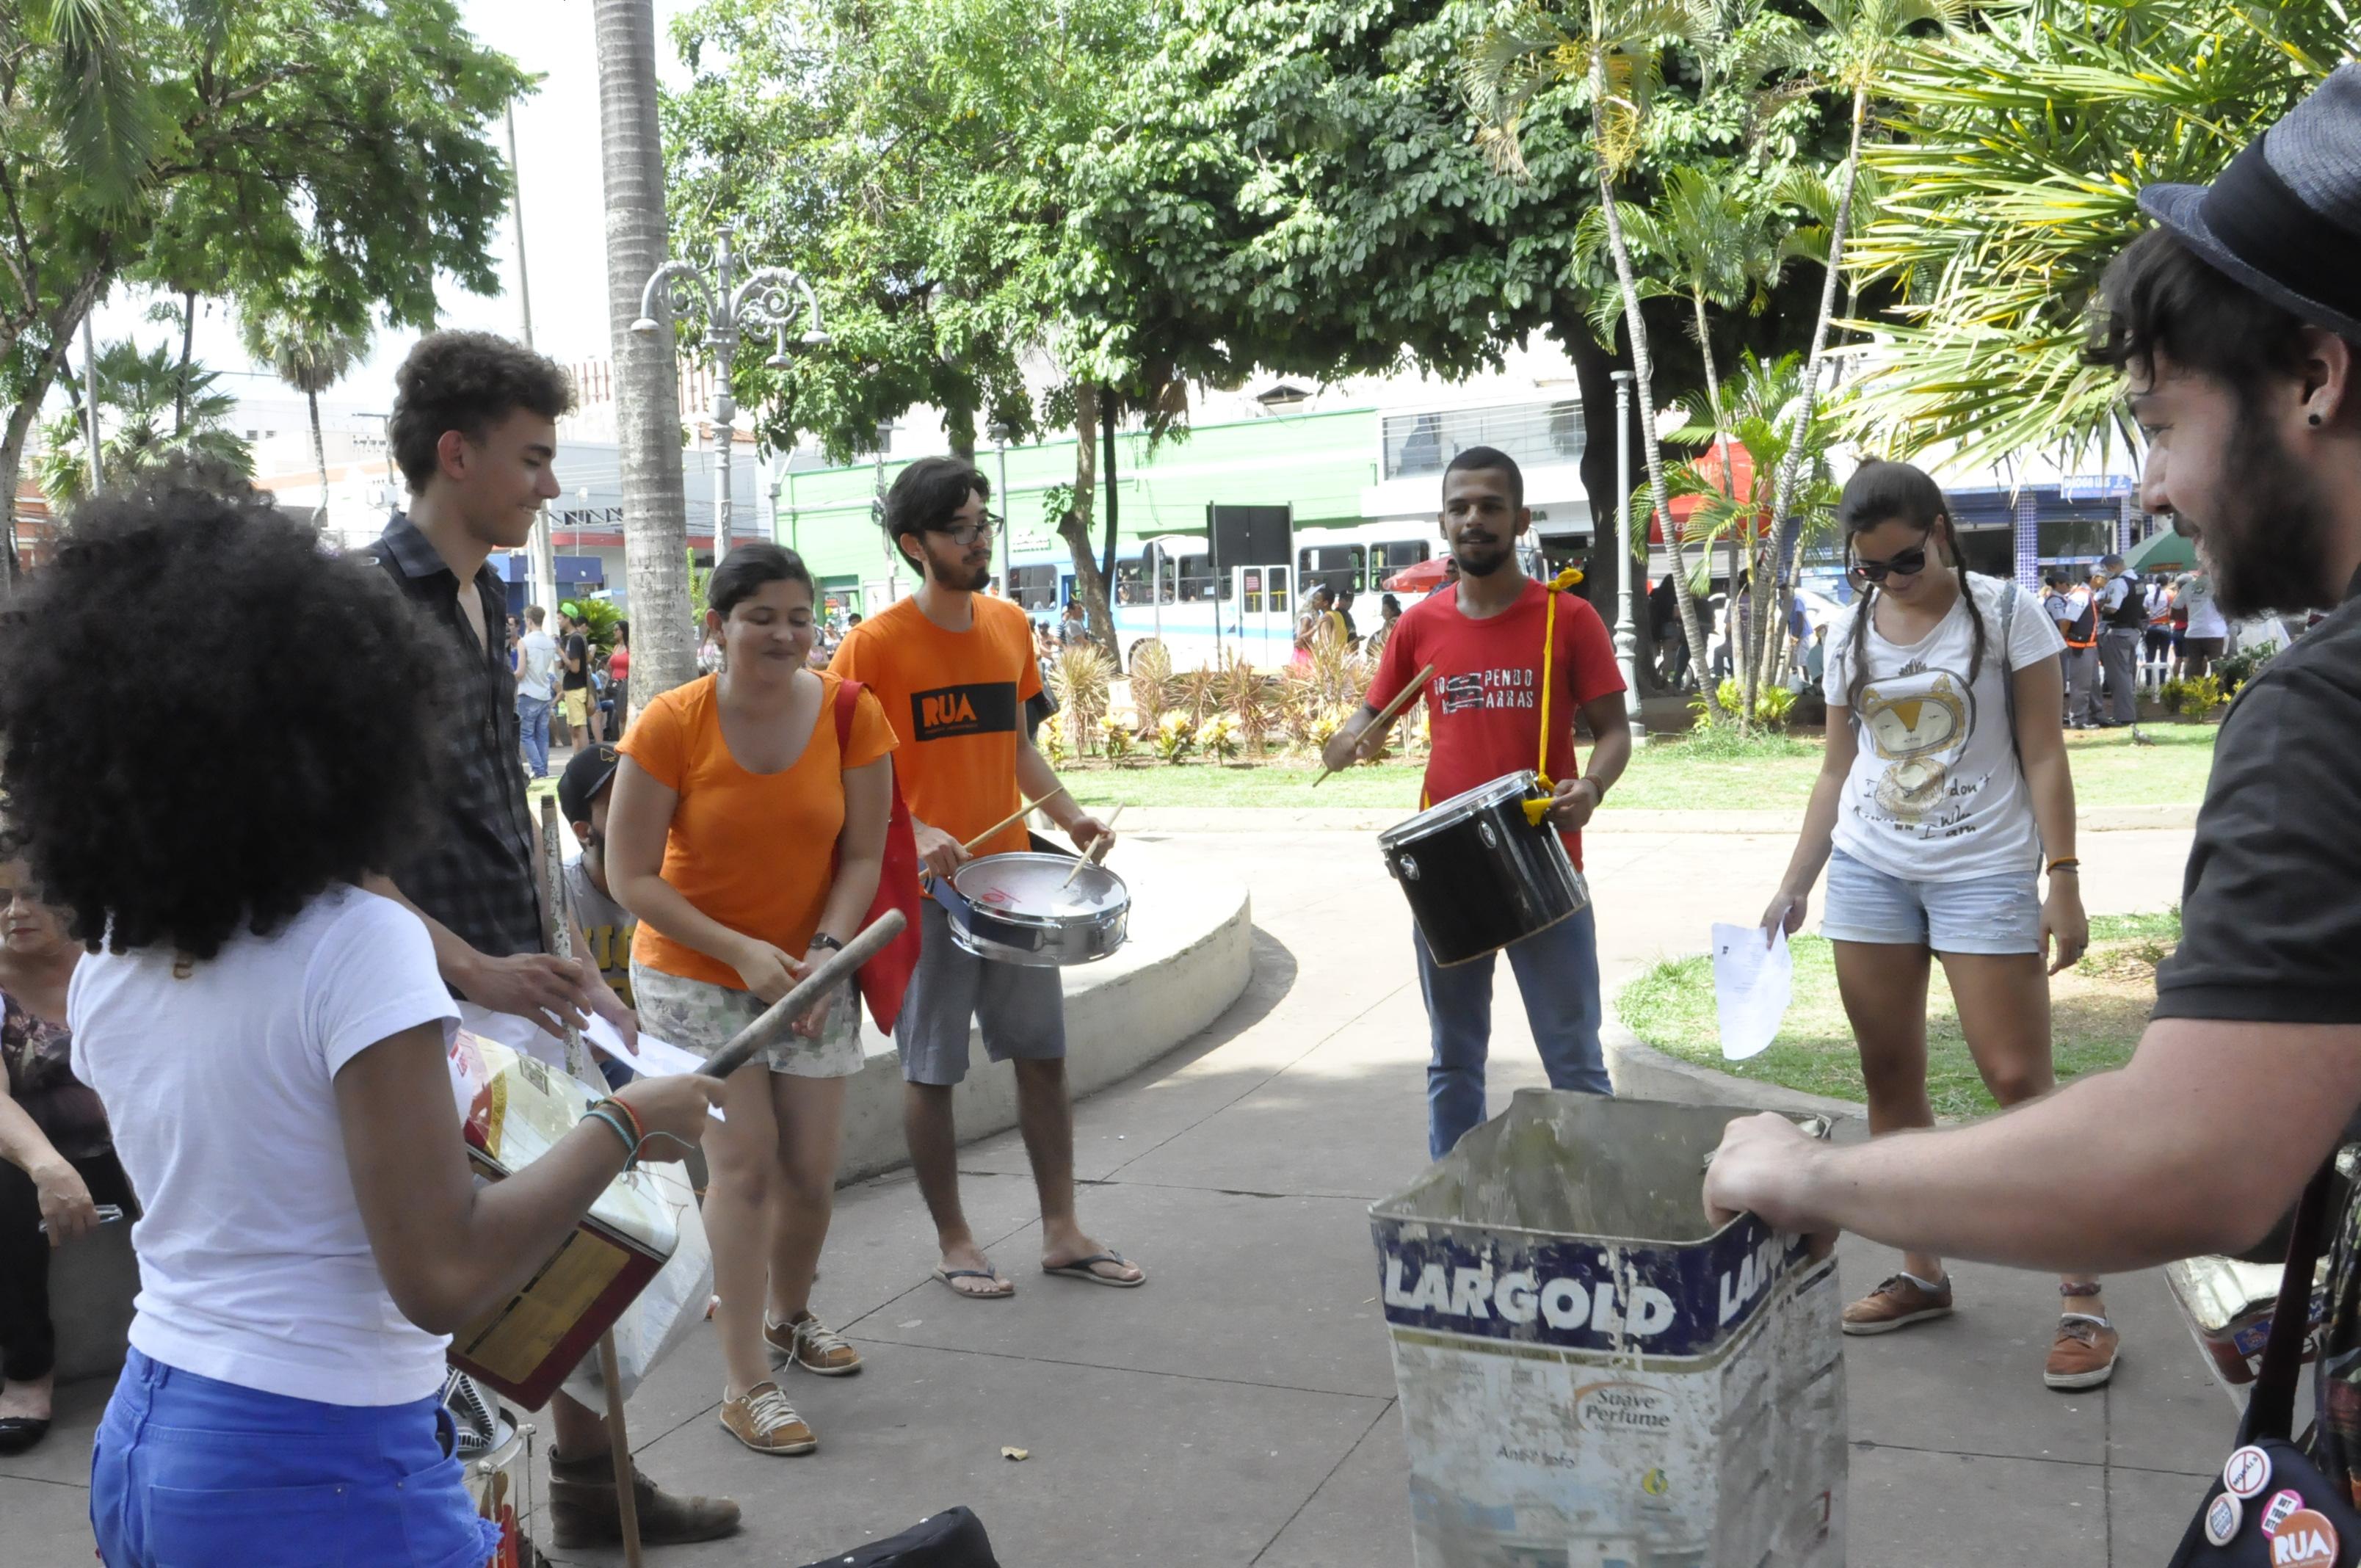 Parada da Diversidade Sexual em Cuiabá (MT).